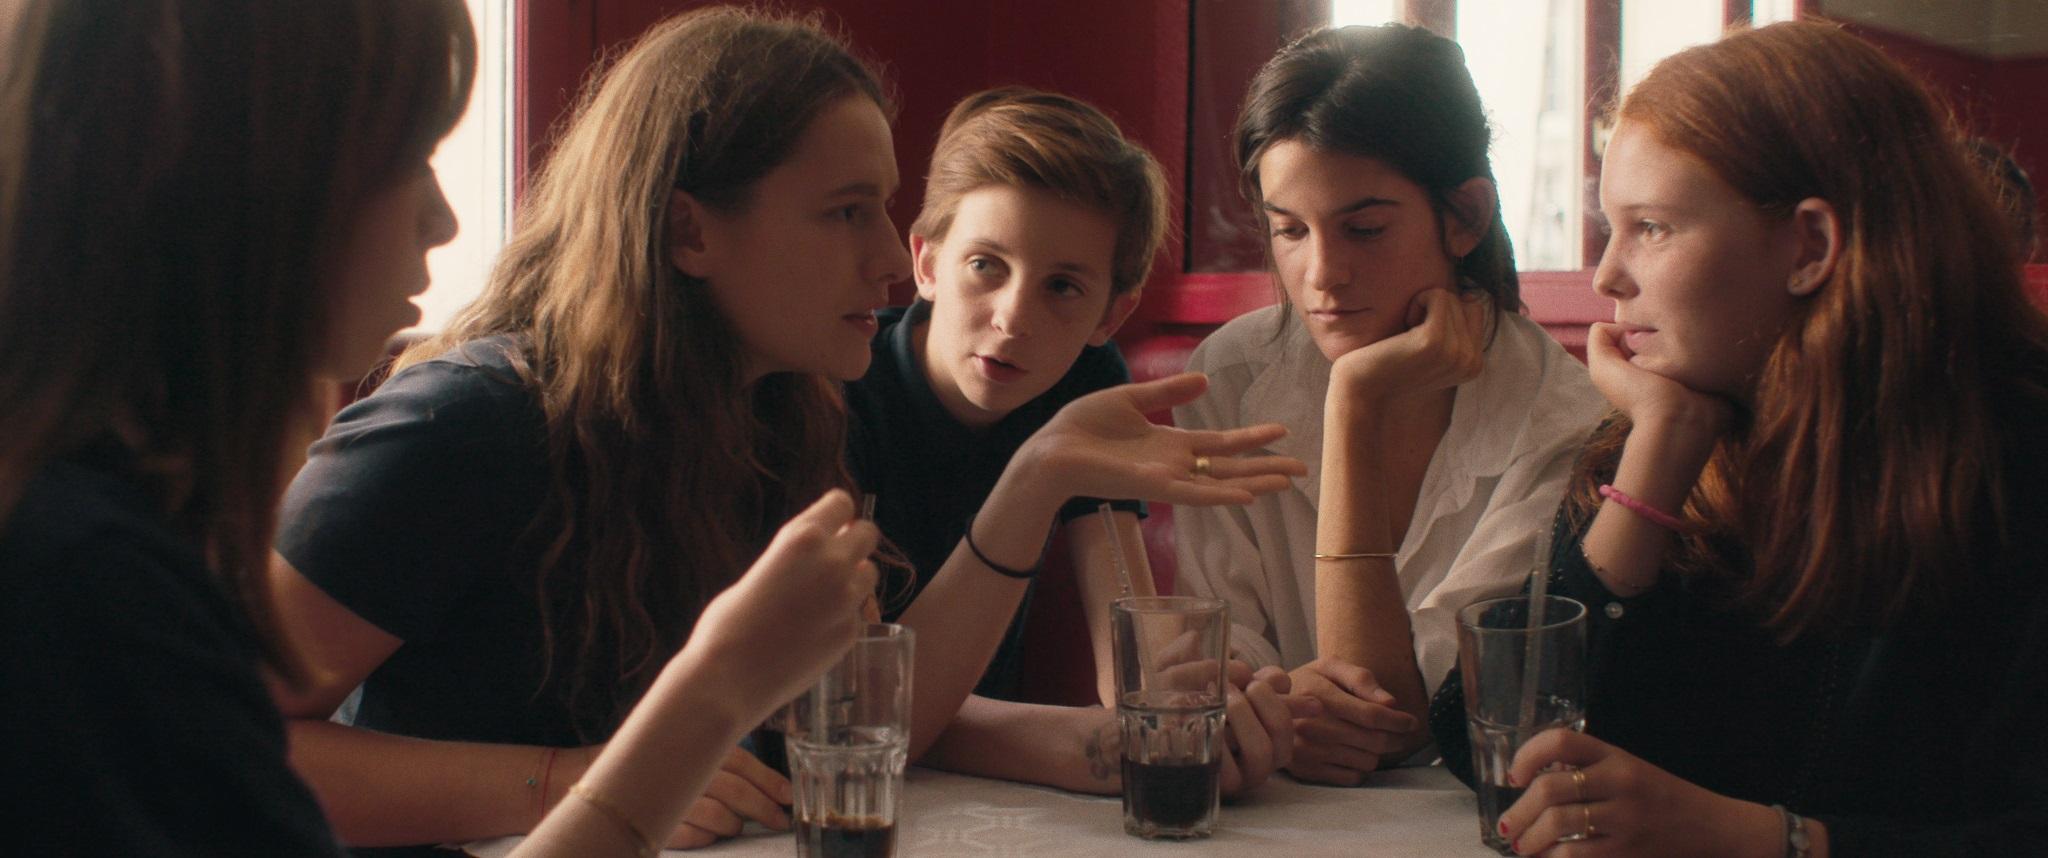 新世代のフランス映画『スザンヌ、16歳』第2弾ビジュアル公開&小川紗良、小島秀夫、世武裕子、網中いづるら著名人の絶賛コメントも到着